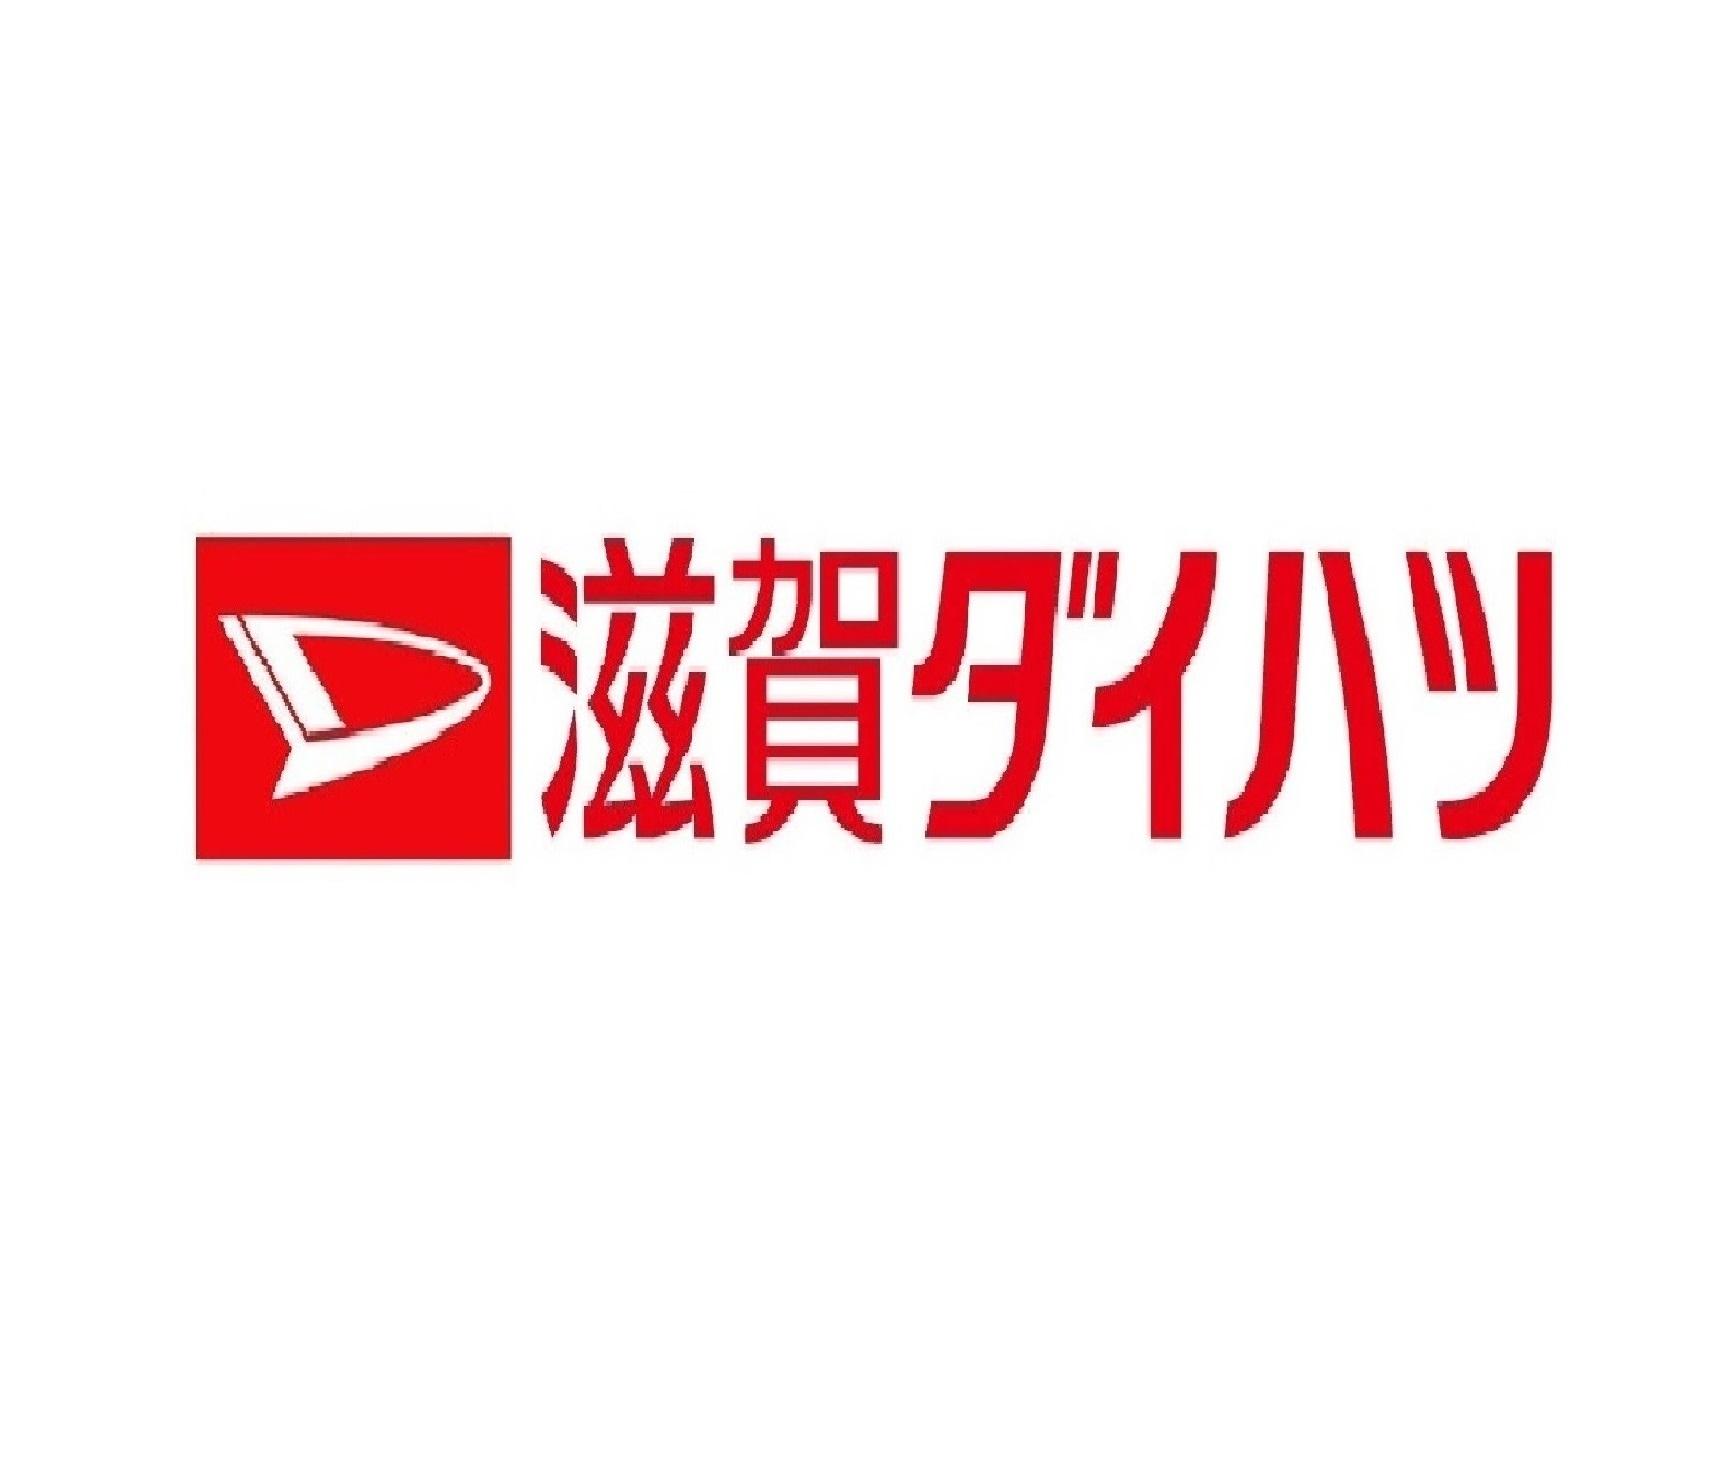 滋賀アリーナ(新県立体育館)の愛称が「滋賀ダイハツアリーナ」に決定!